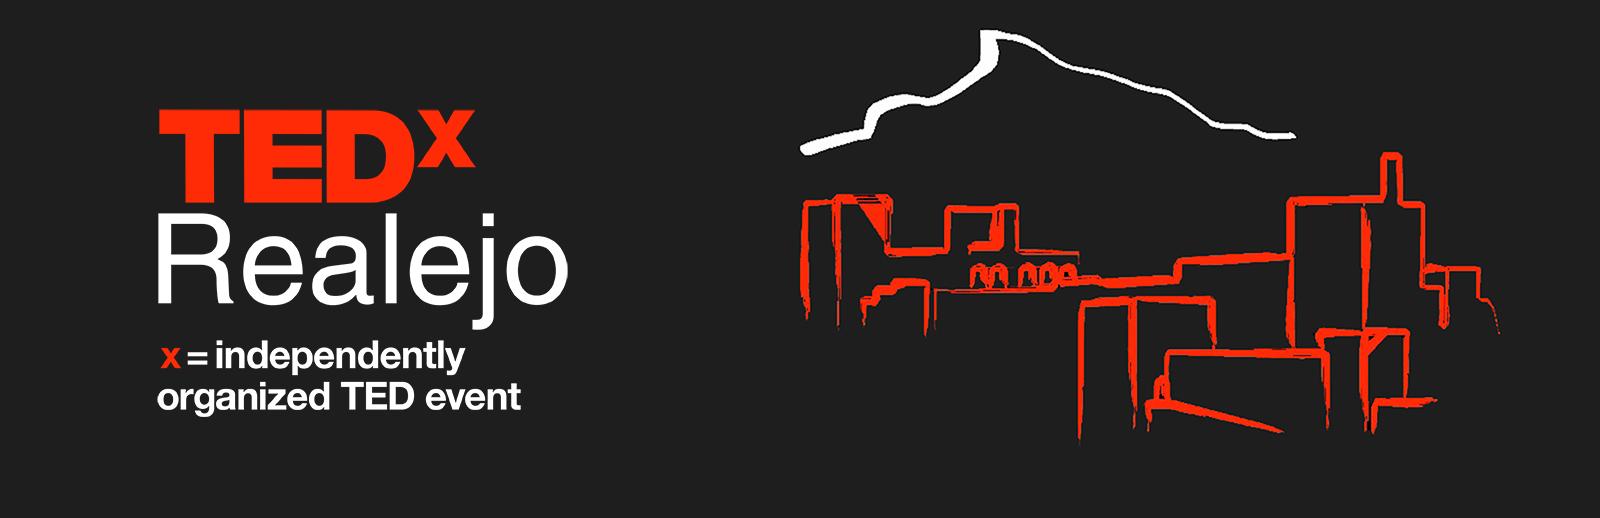 TEDxRealejo 2019